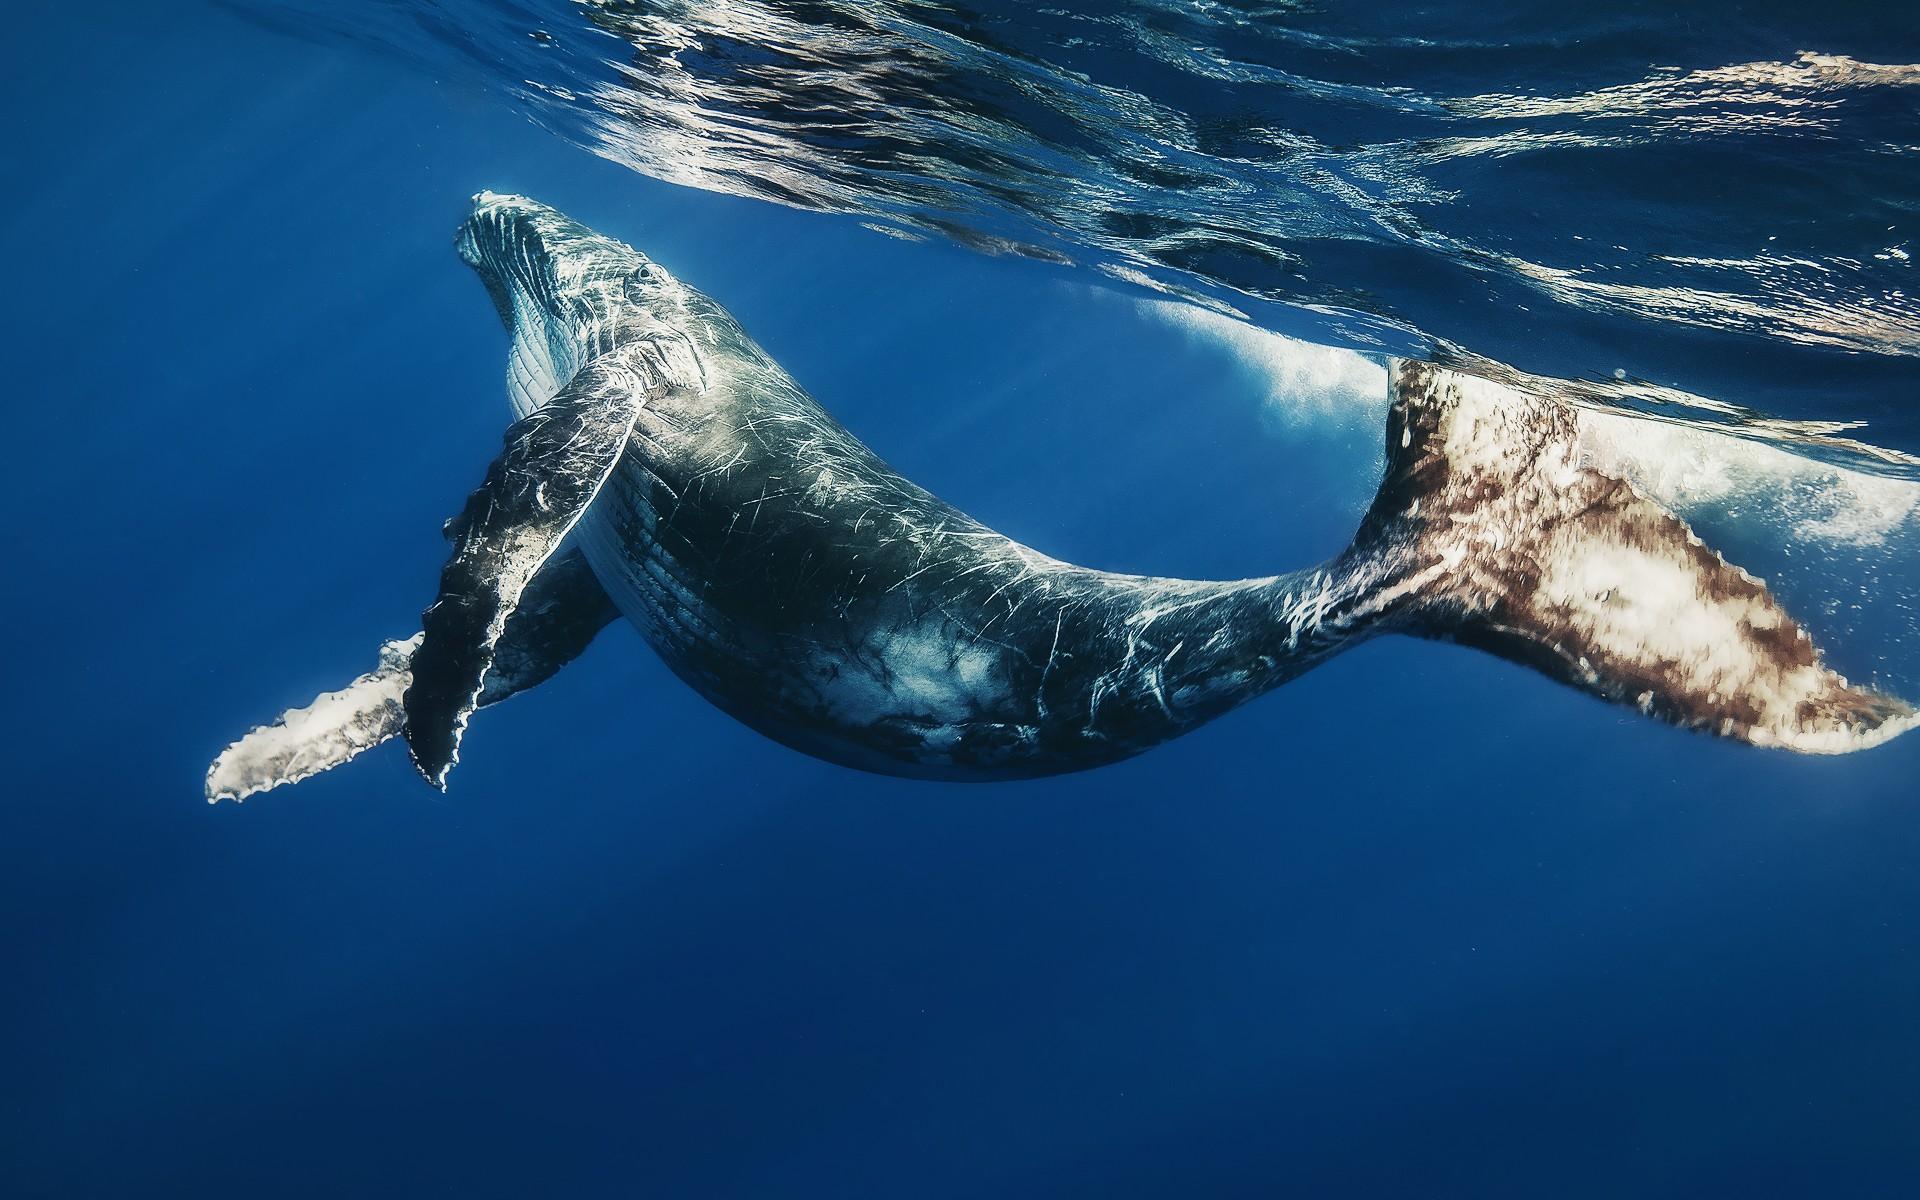 кит, океан, вода